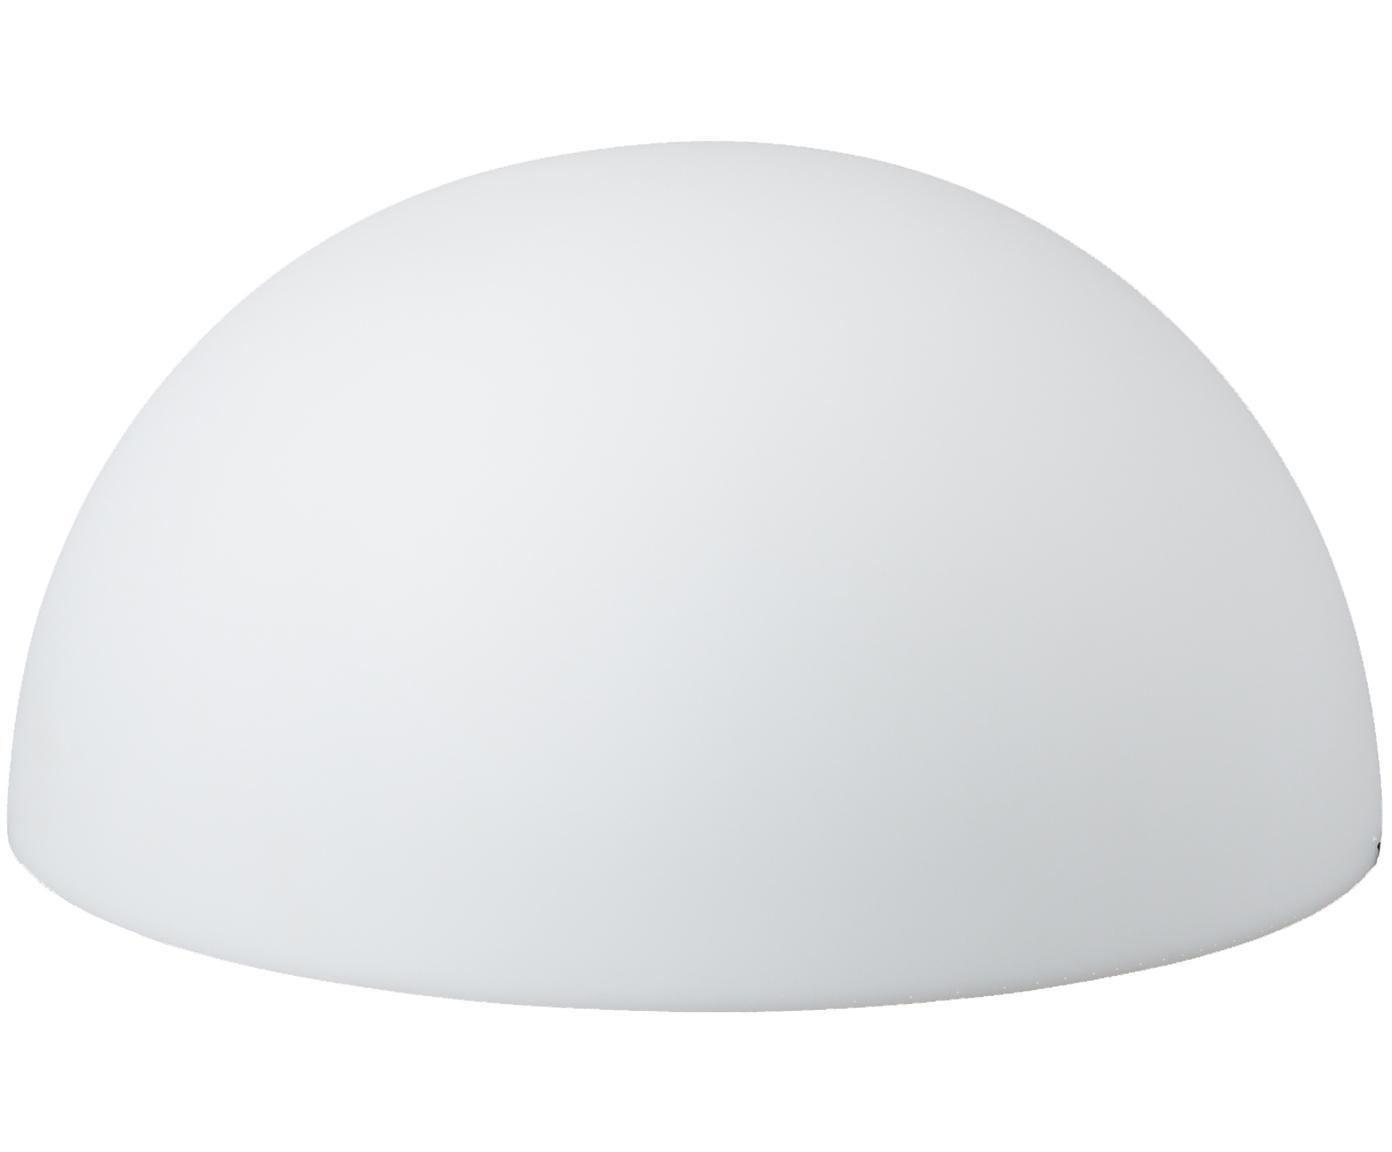 Aussen-Bodenleuchte Mezzo mit Stecker, Kunststoff, Weiss, Ø 65 x H 32 cm